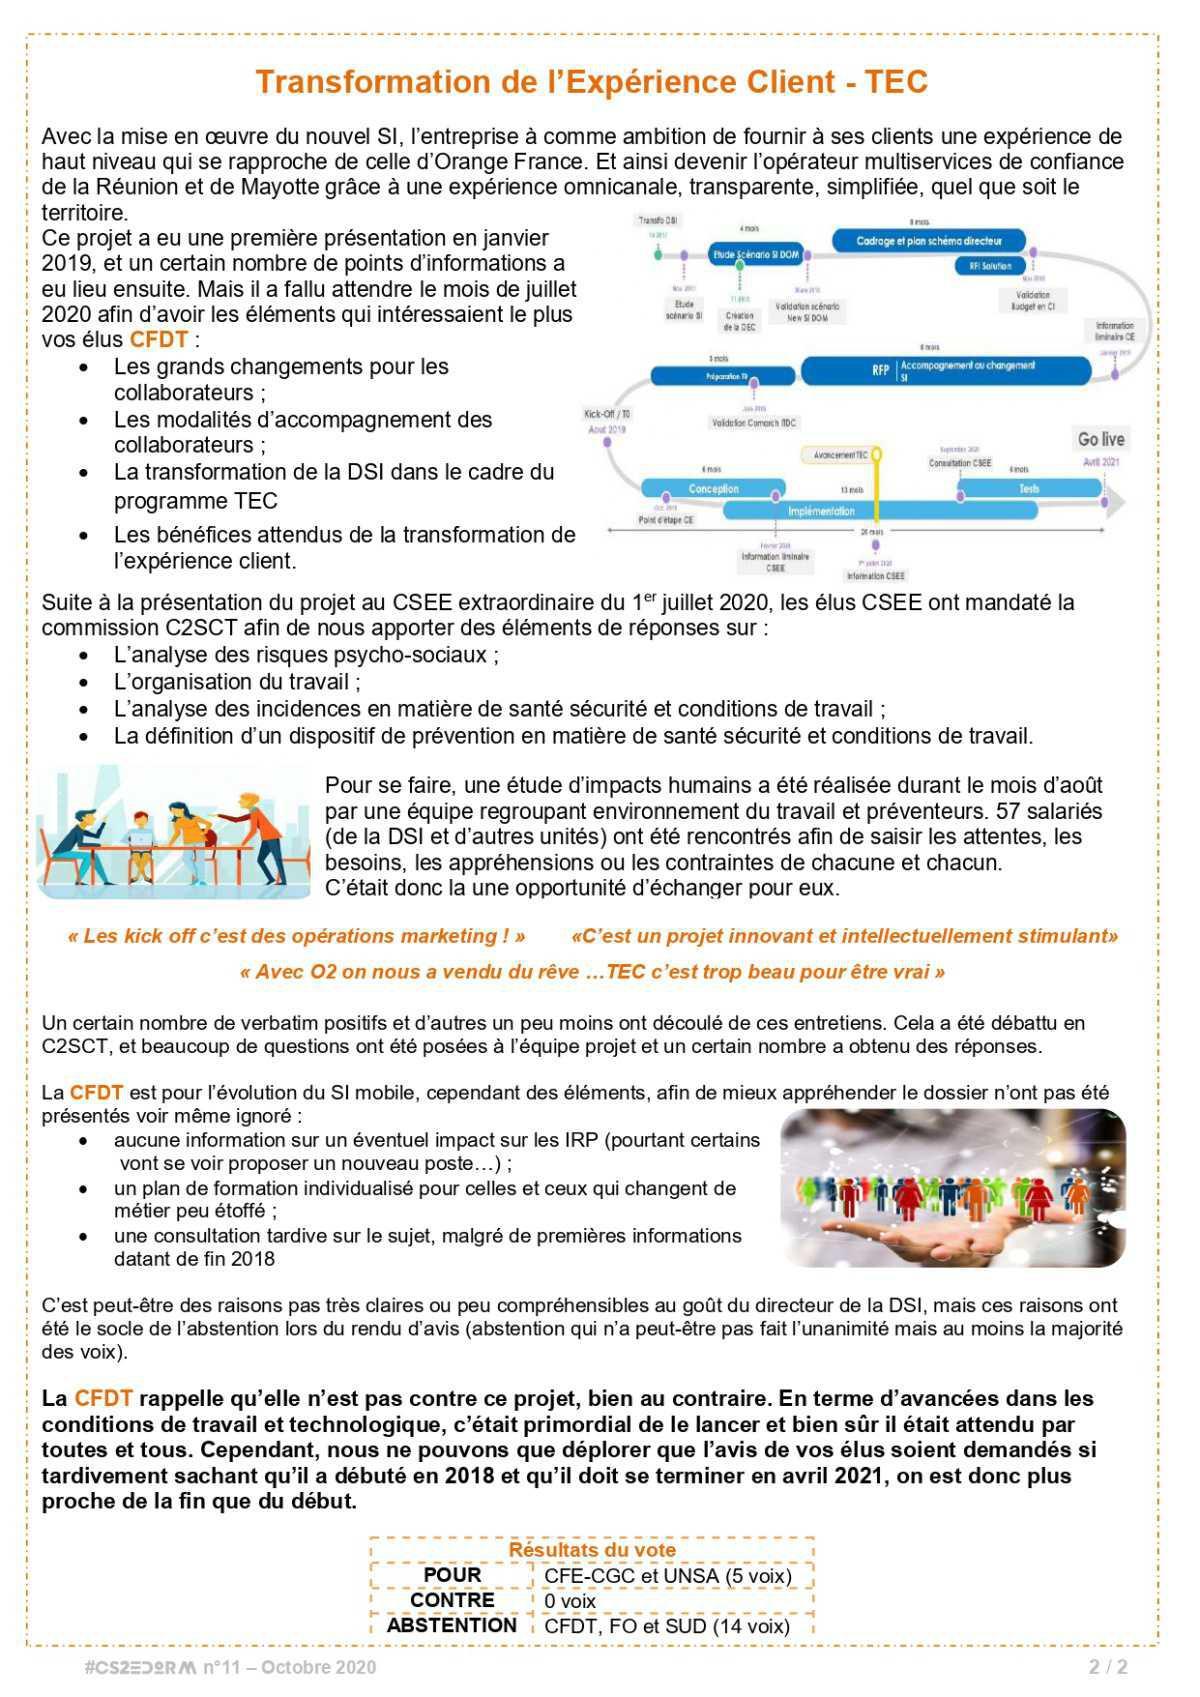 #CS2EDORM n°11 - Edition spéciale sur le projet TEC